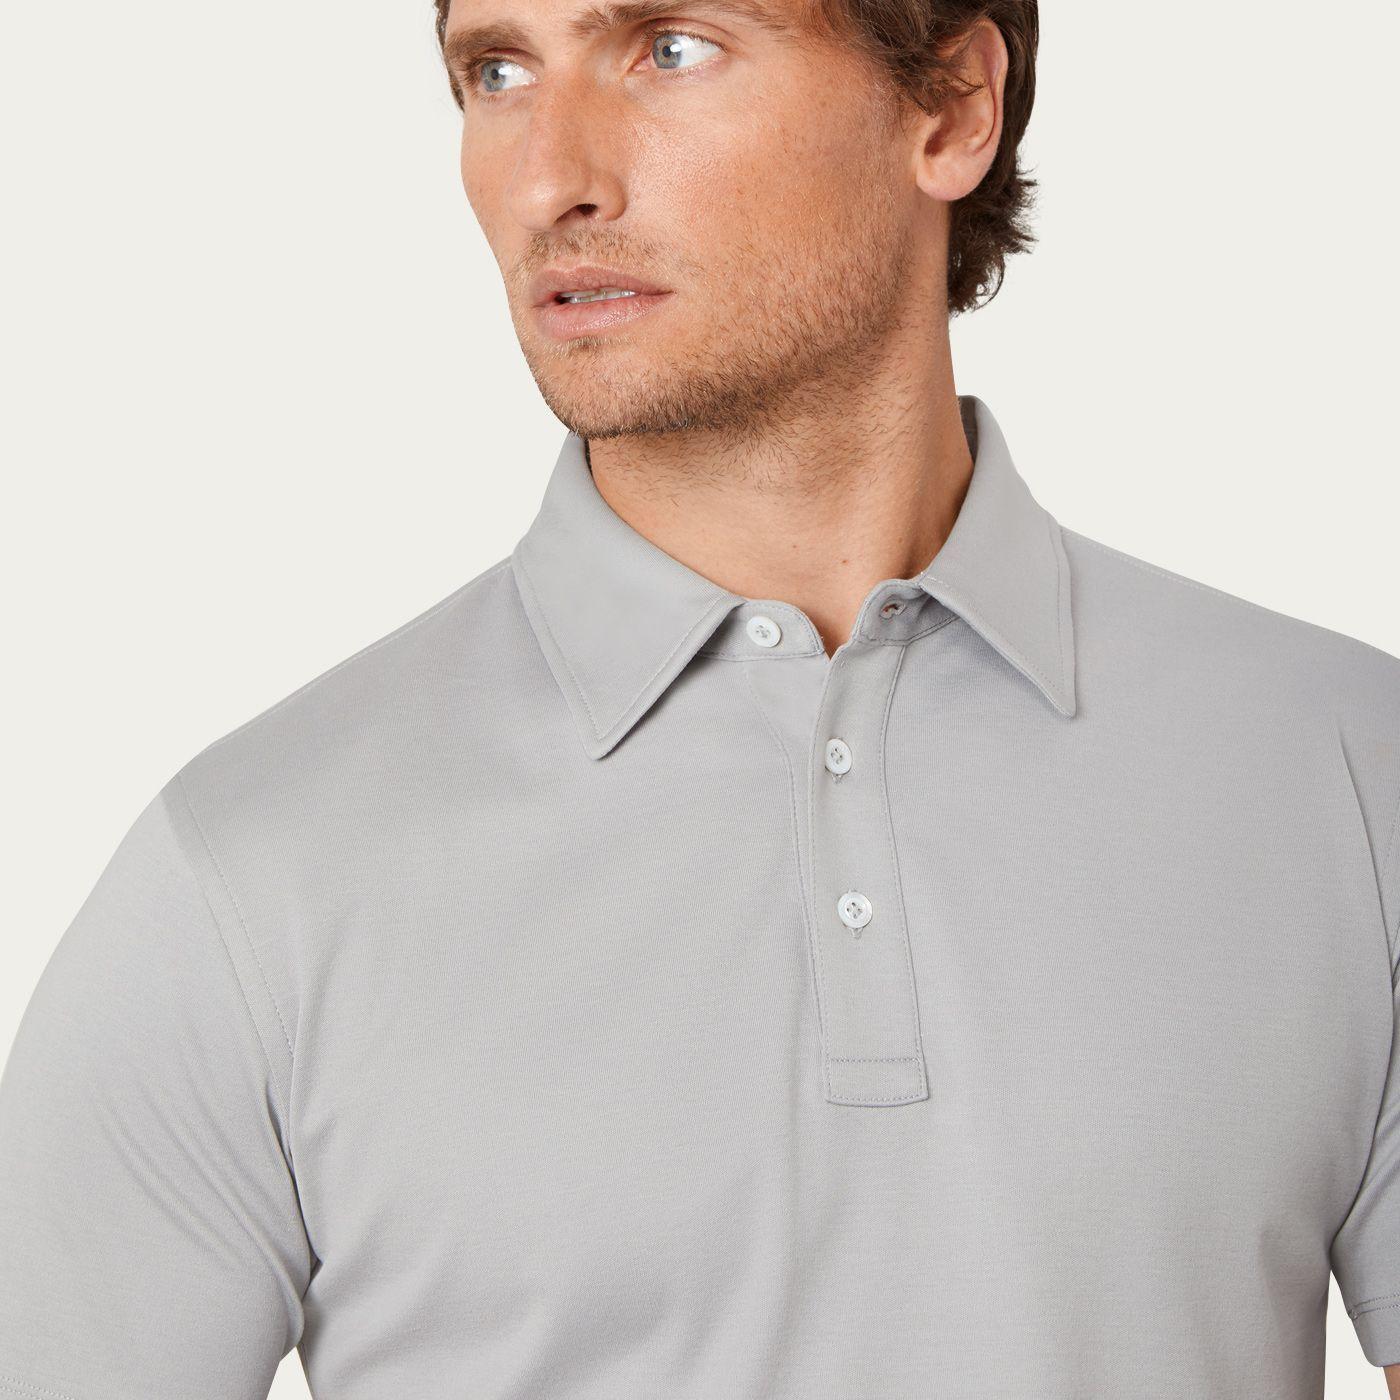 Alloy Grey Polo Shirt, Egyptian Cotton | Bombinate